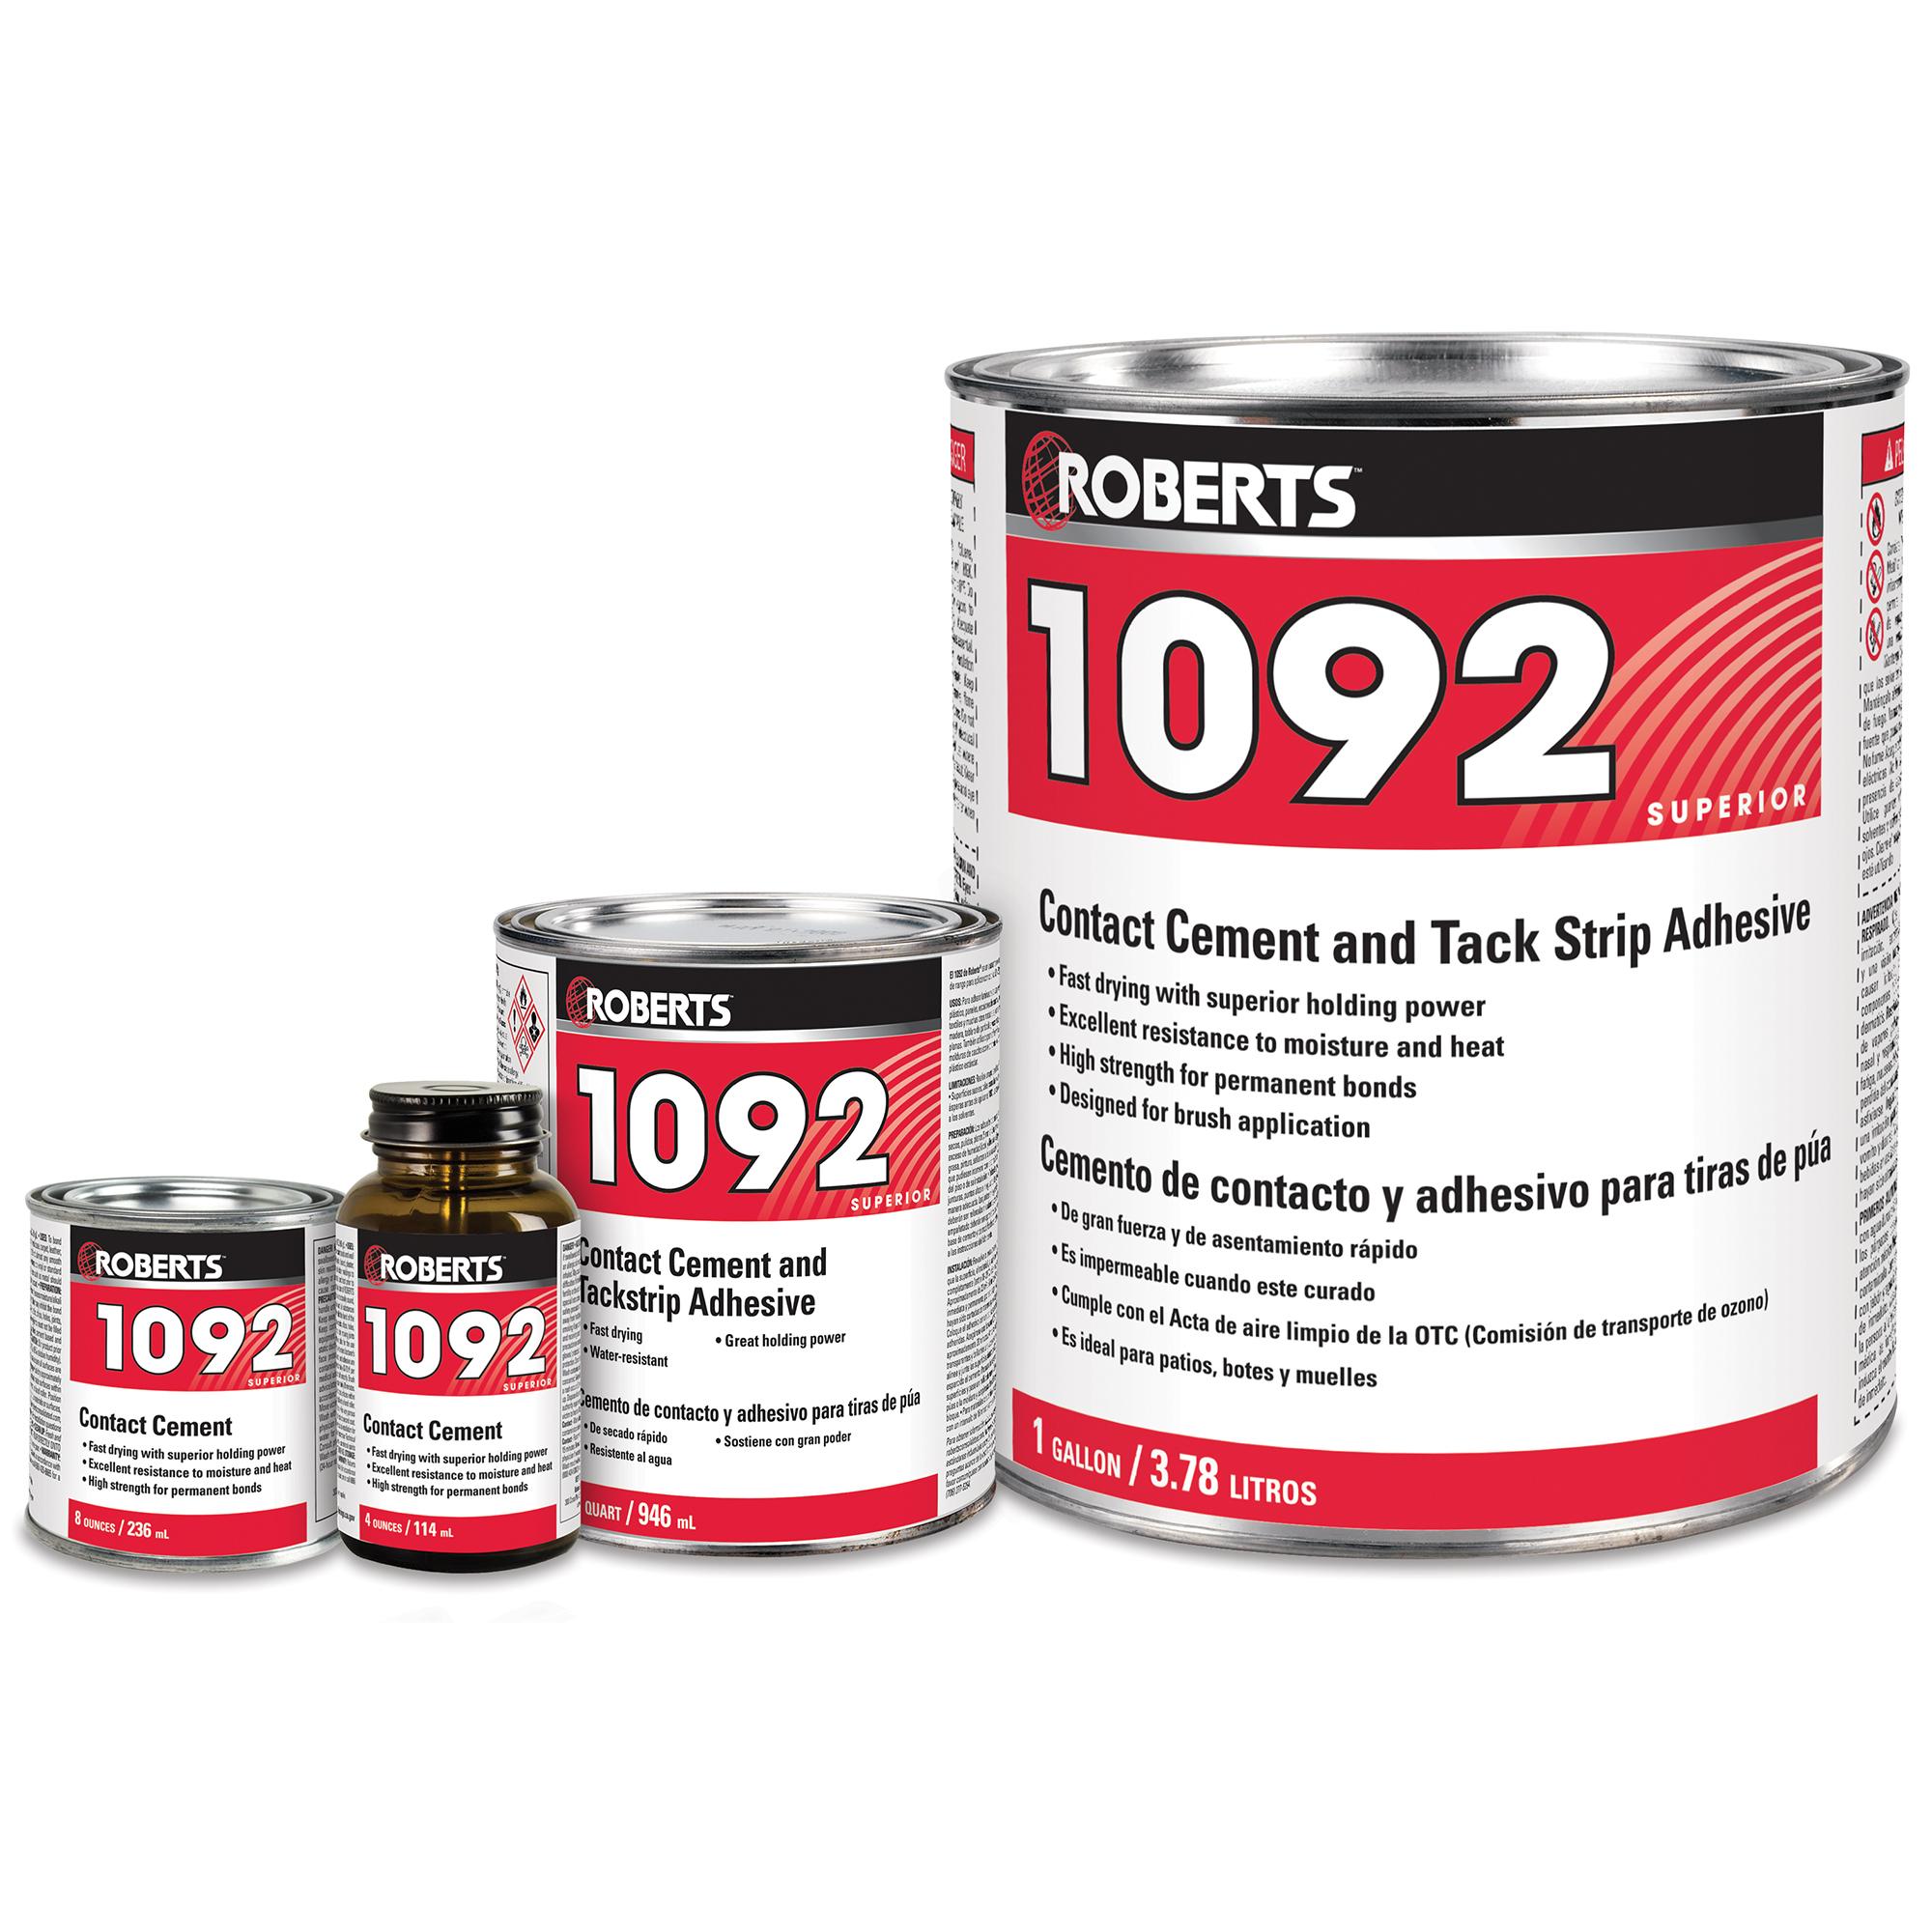 Contact Cement and Tackstrip Adhesive